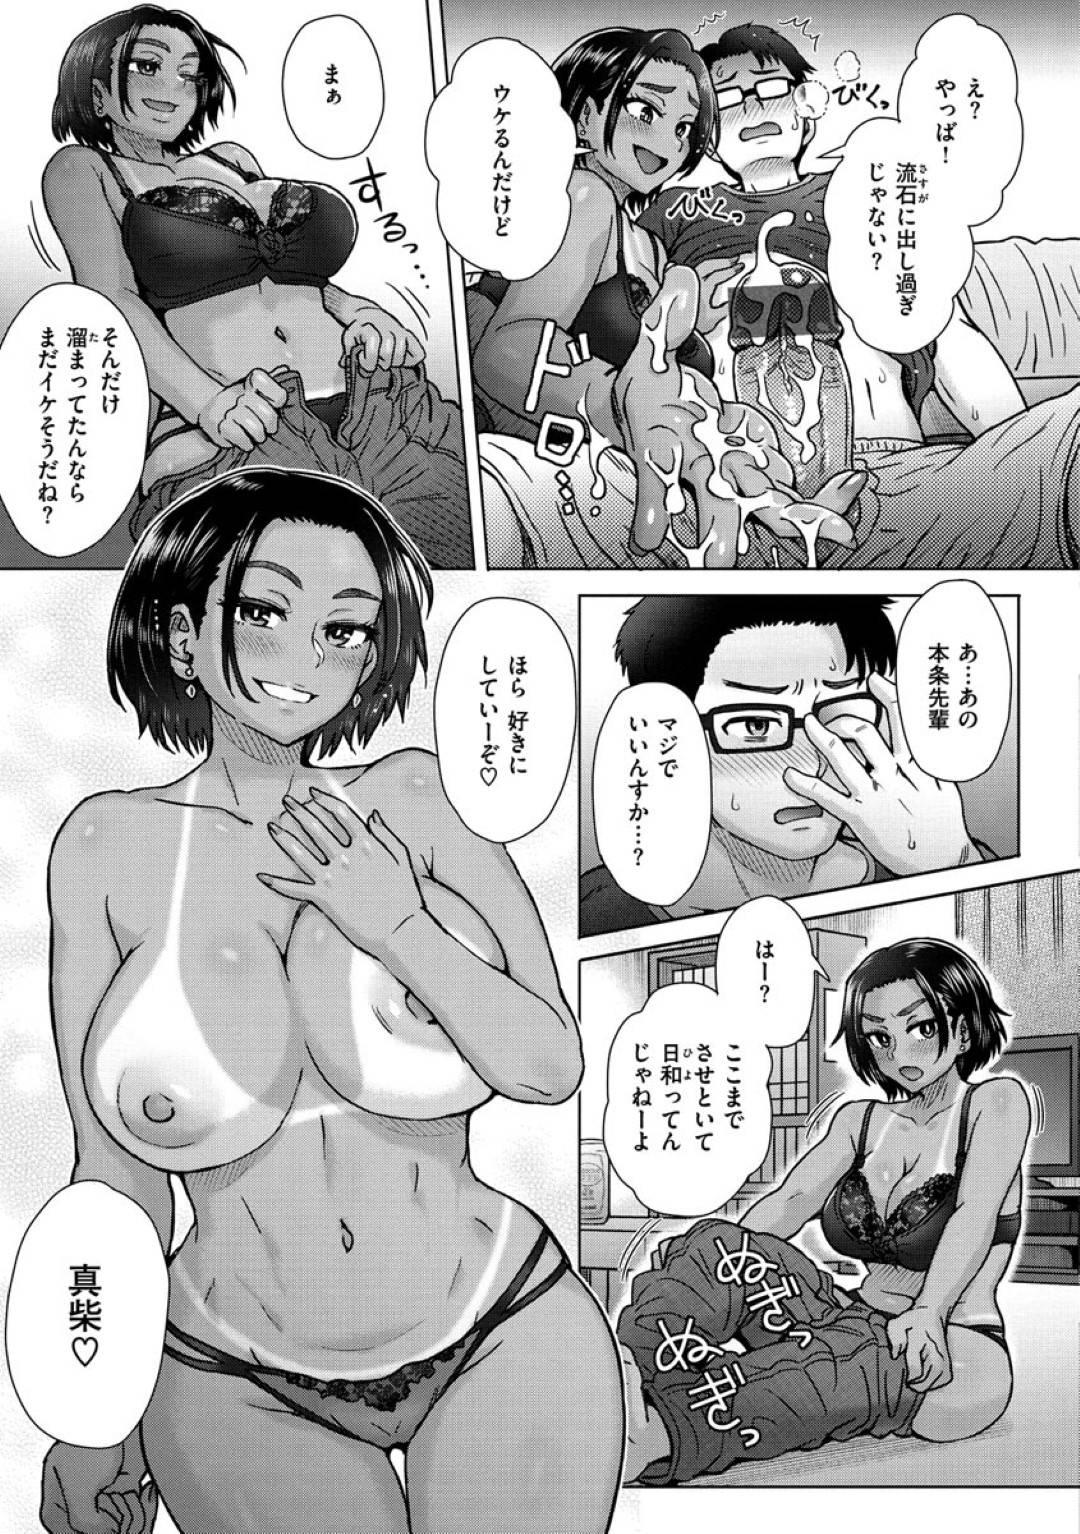 【エロ漫画】後輩の家に上がり込んで勝手に飲み会を開く黒ギャルお姉さん。酔って淫乱と化した彼女は自分のおっぱいで彼を誘惑し、バキュームフェラや手コキで強制射精させる。